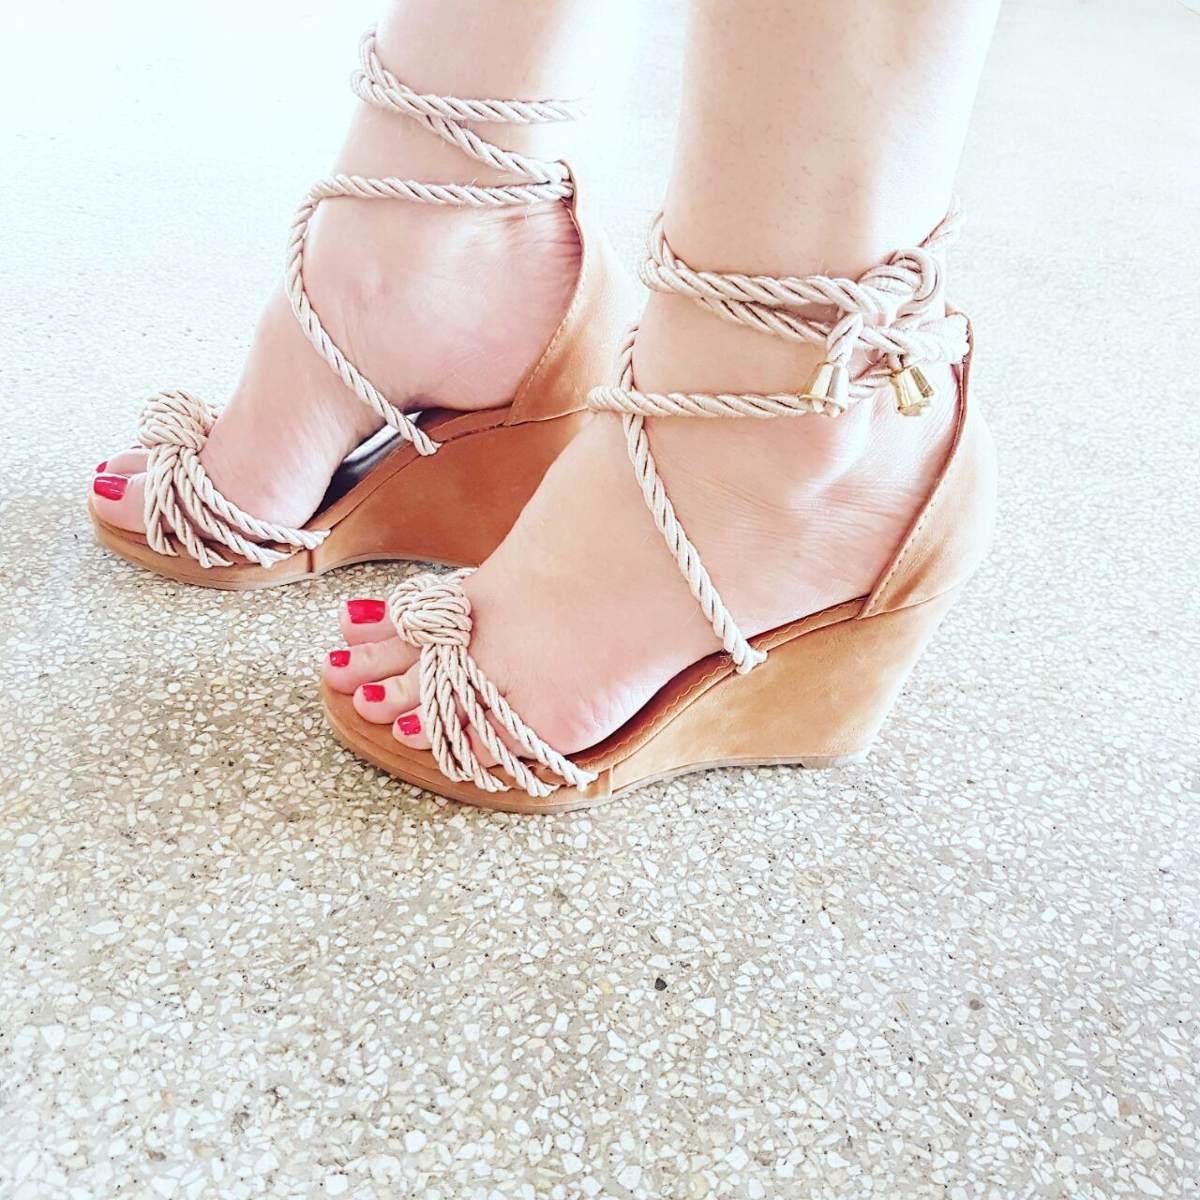 46b6c03135 sandália anabela plataforma feminino inspiração moda 319. Carregando zoom.